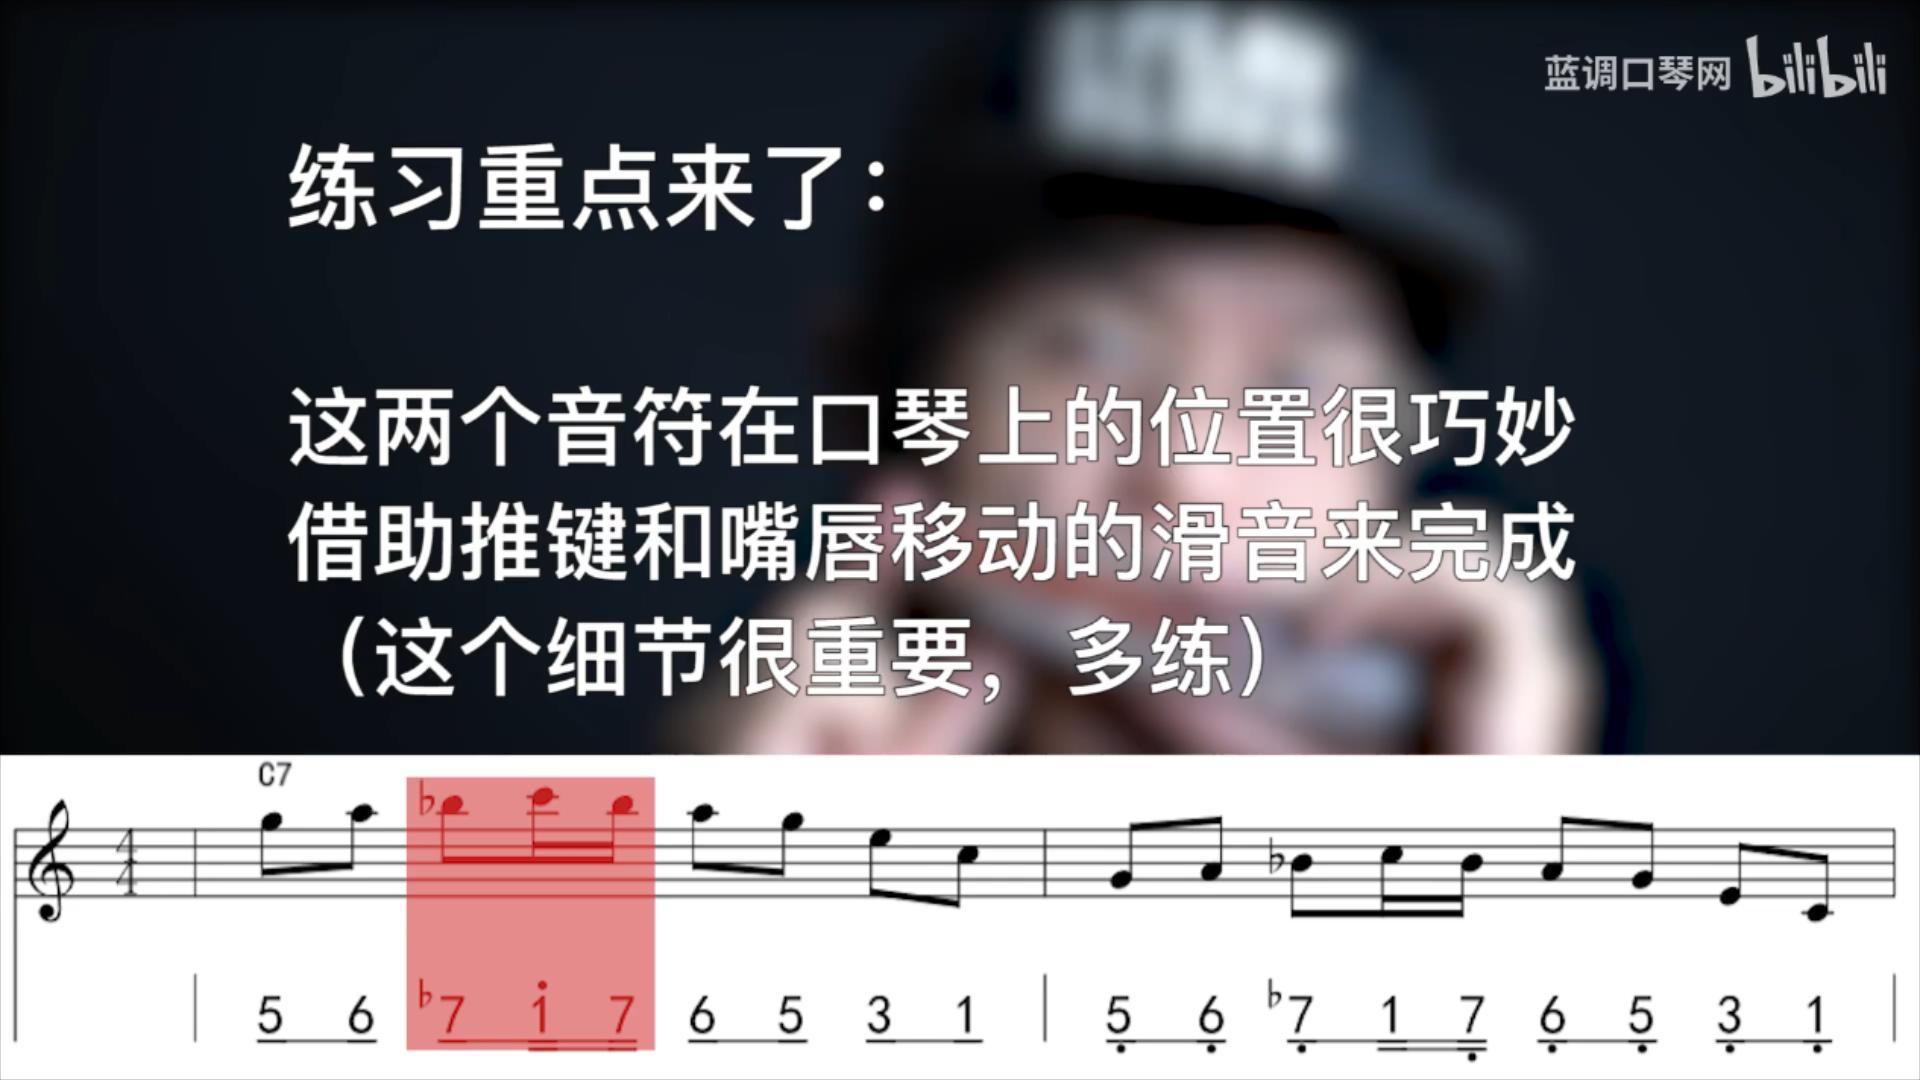 适合自学的超实用【半音阶口琴乐句】练习.flv_20210911_112735422.jpg